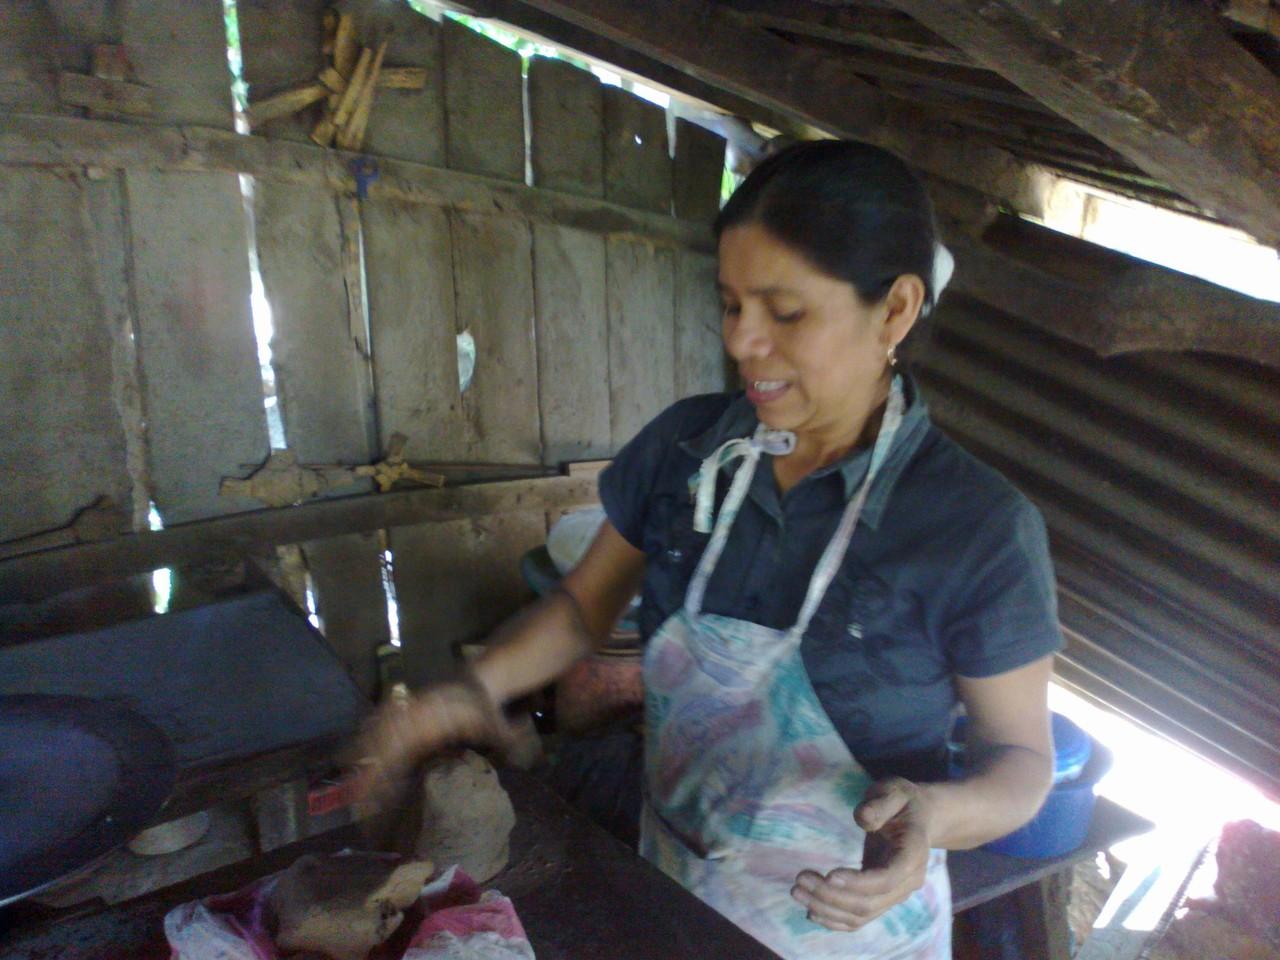 Profesora de ceramica (pottery teacher) in San Juan de Oriente